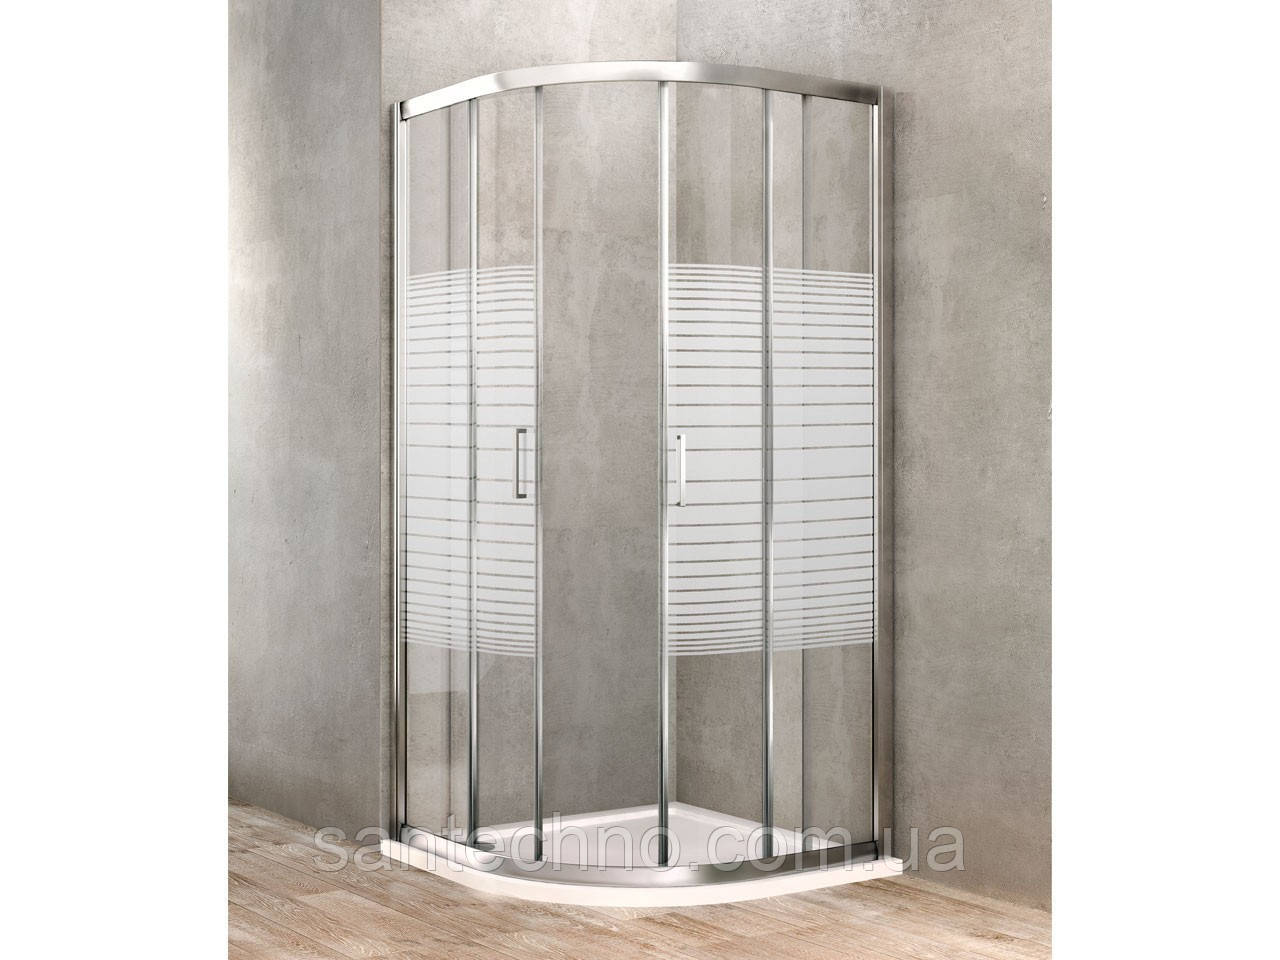 Угловая душевая кабина Dusel A-511 (800*800*1900) Silk Screen